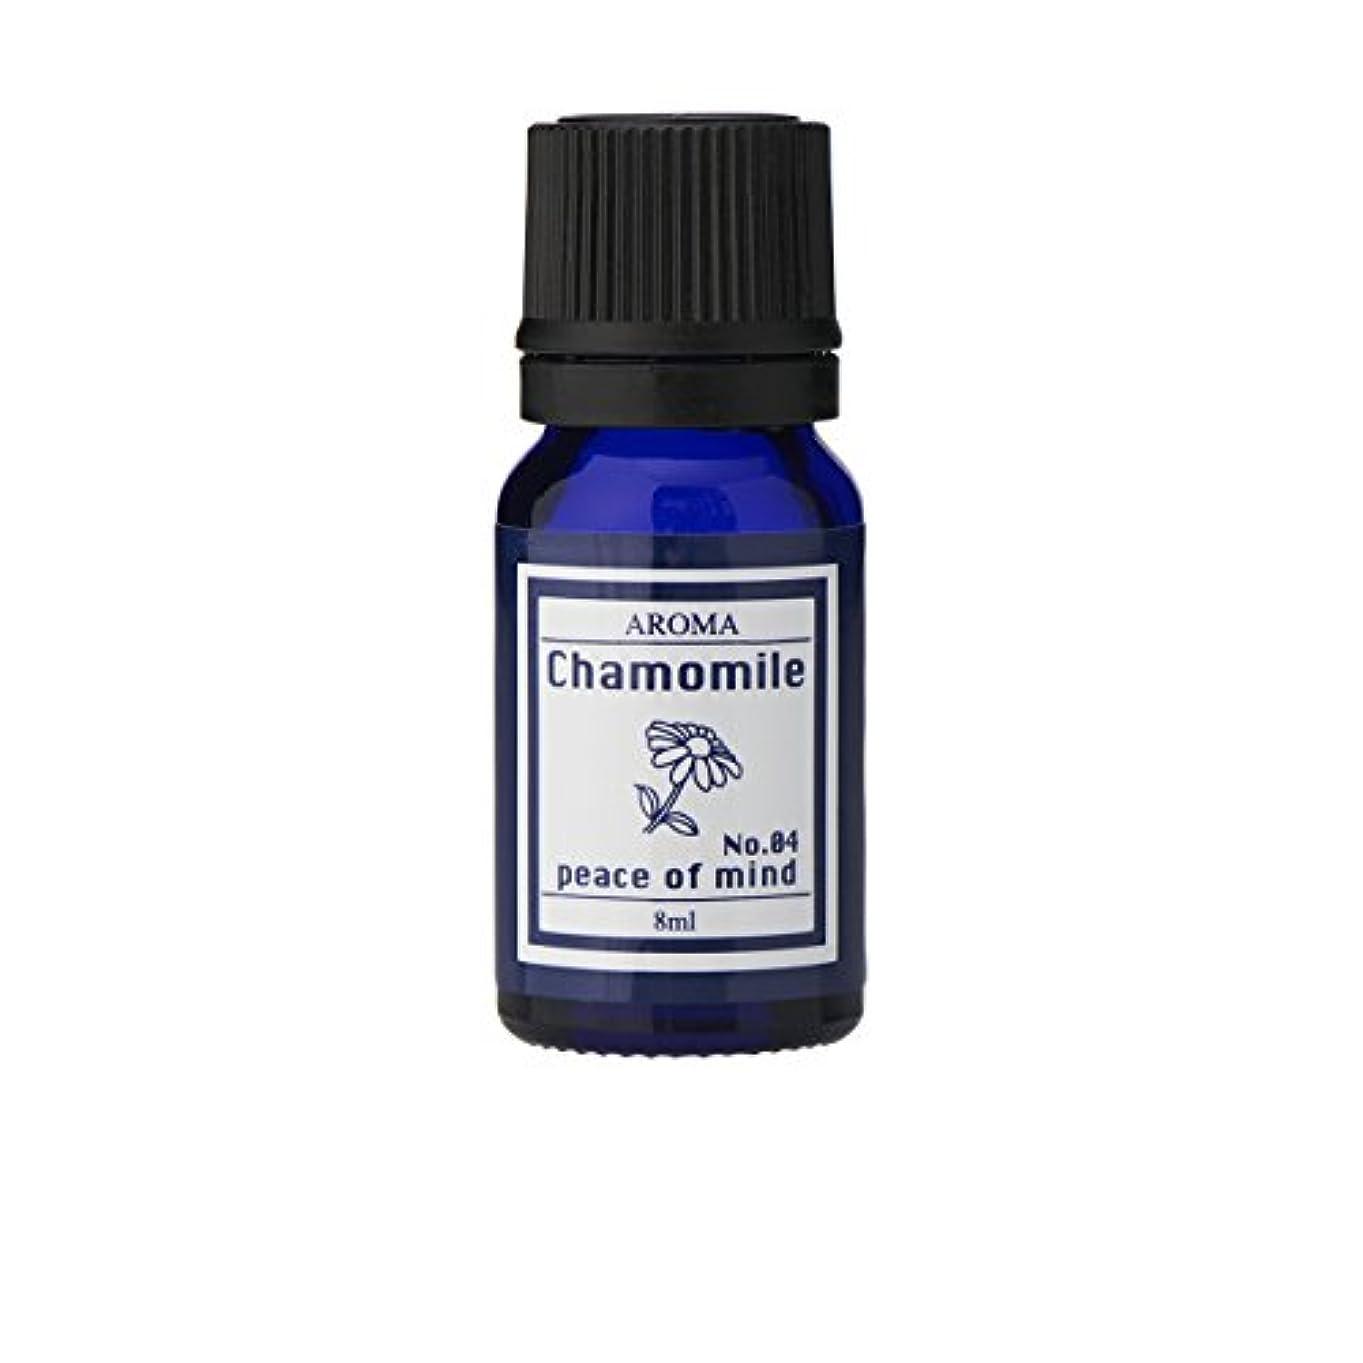 敬な悔い改め線ブルーラベル アロマエッセンス8ml カモマイル(アロマオイル 調合香料 芳香用)